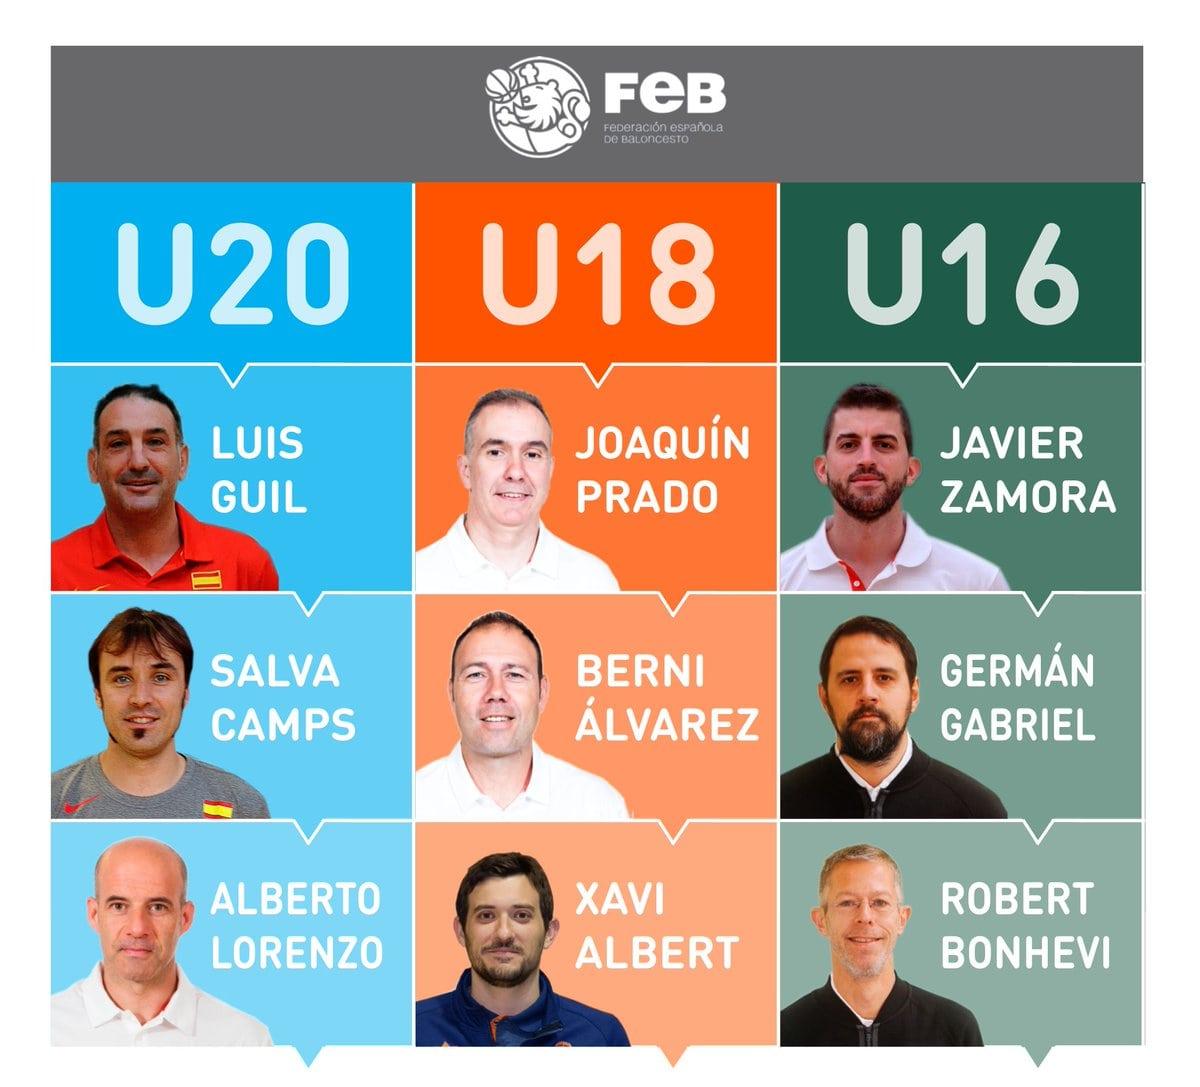 Javier Zamora dirigirá a la Selección Española U16 en el Europeo